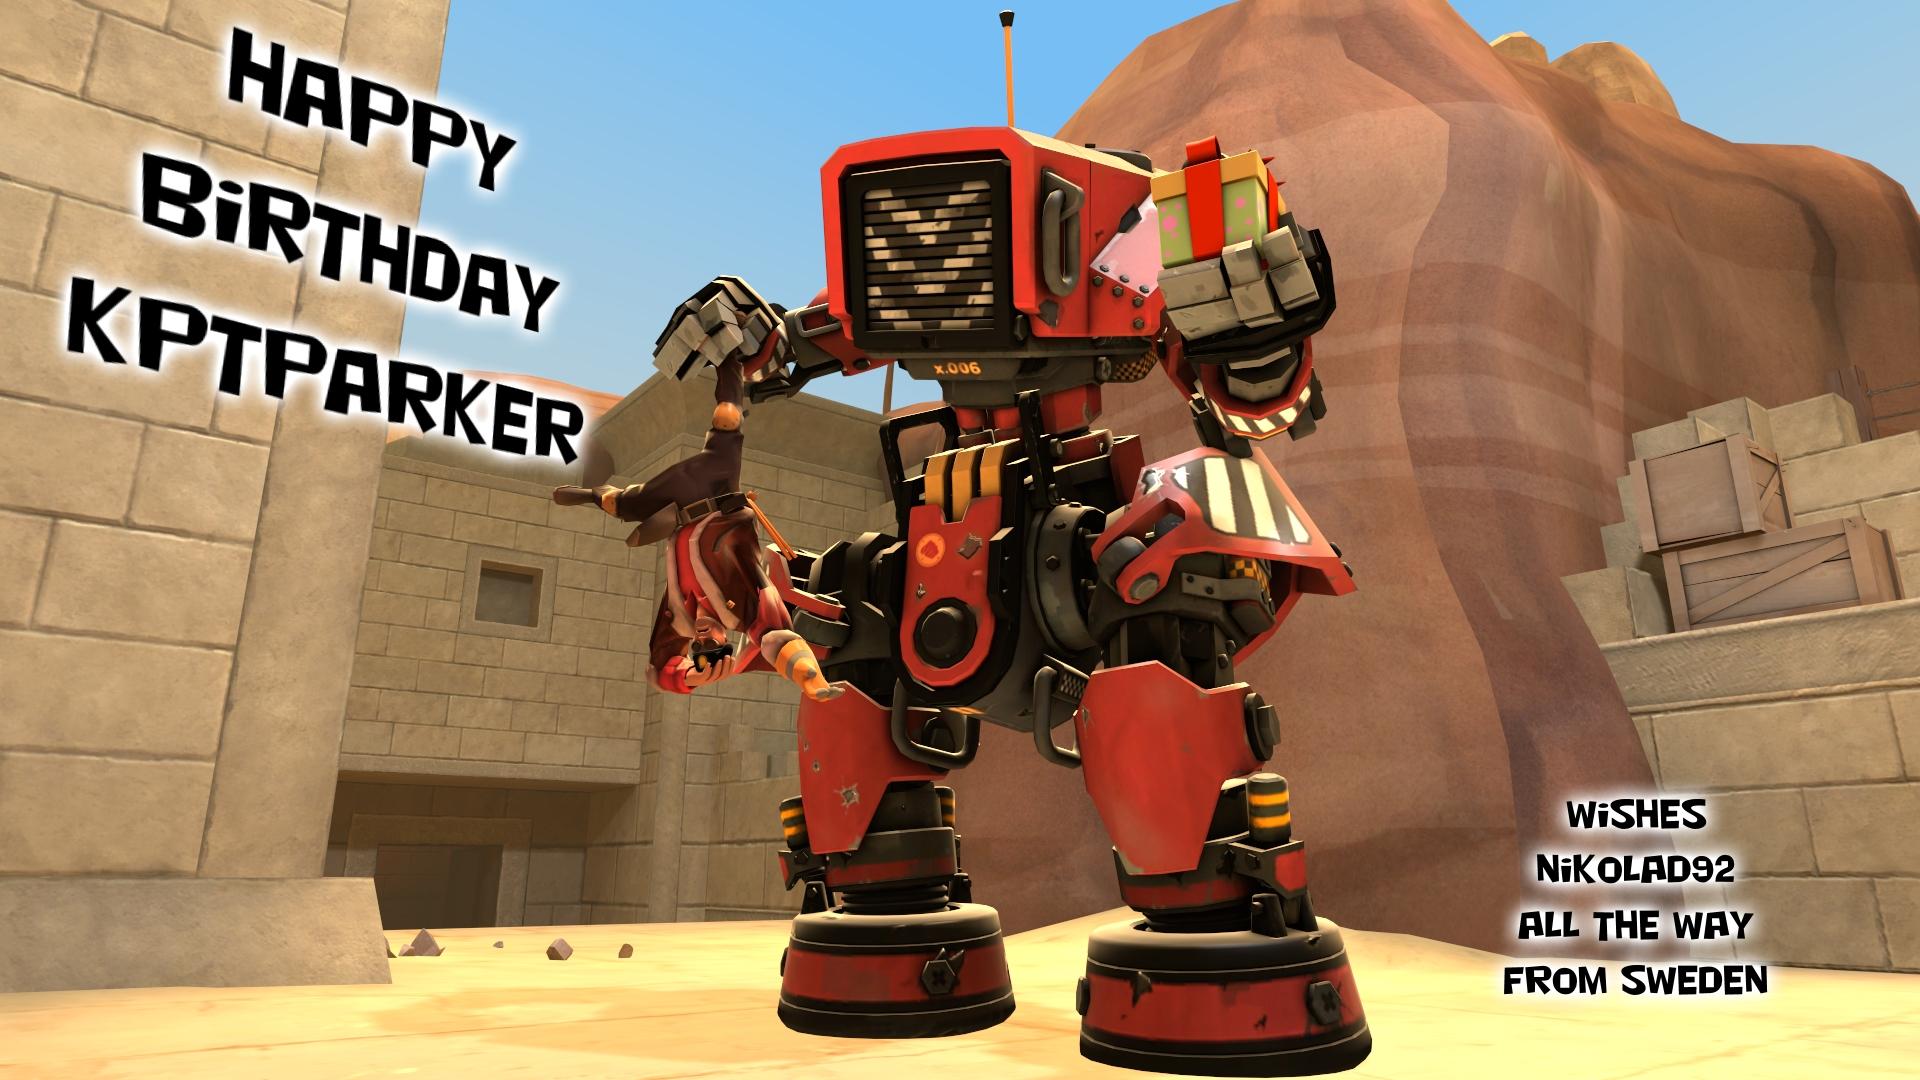 Happy Birthday kptparker by Nikolad92